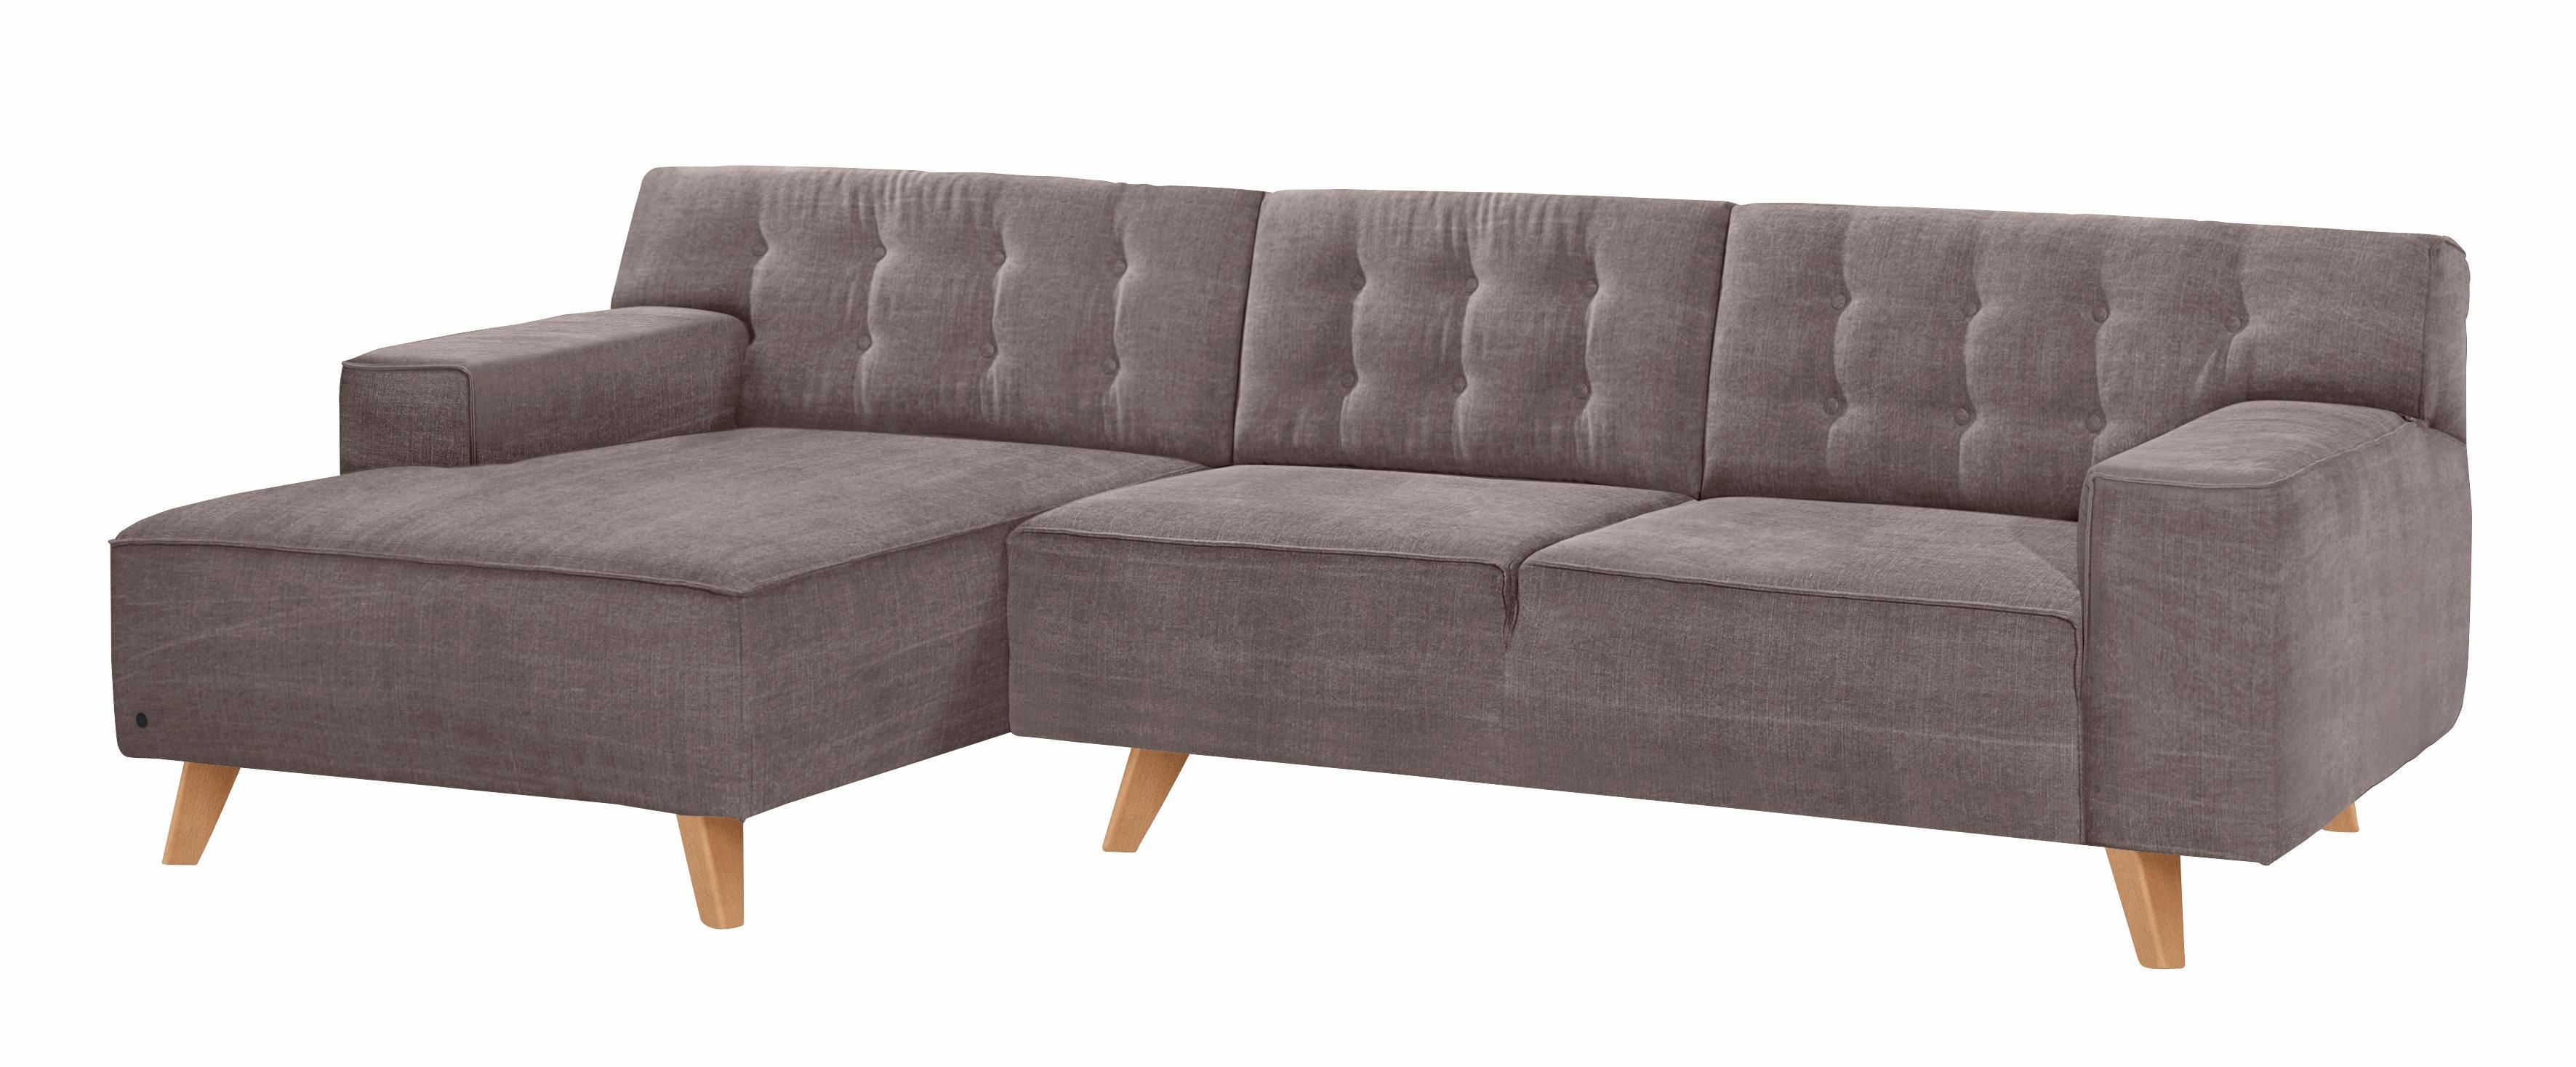 tom tailor ecksofa nordic chic bestellen baur. Black Bedroom Furniture Sets. Home Design Ideas